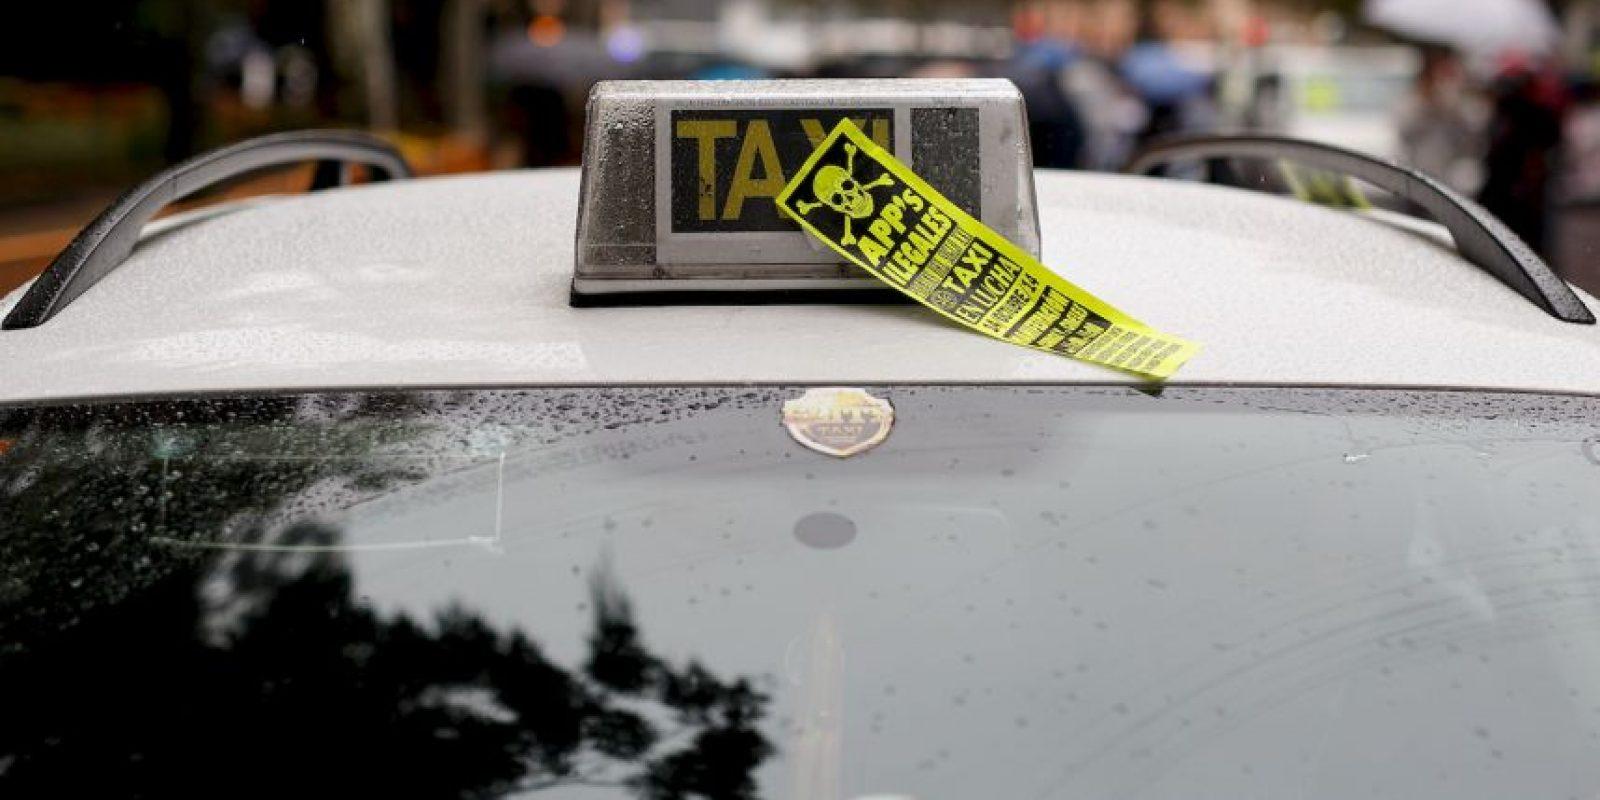 El martes 17 de junio, la Comisión Laboral de California falló en favor de una chofer de Uber, la cual será considerada como una empleada y no como contratista independiente Foto:Getty Images